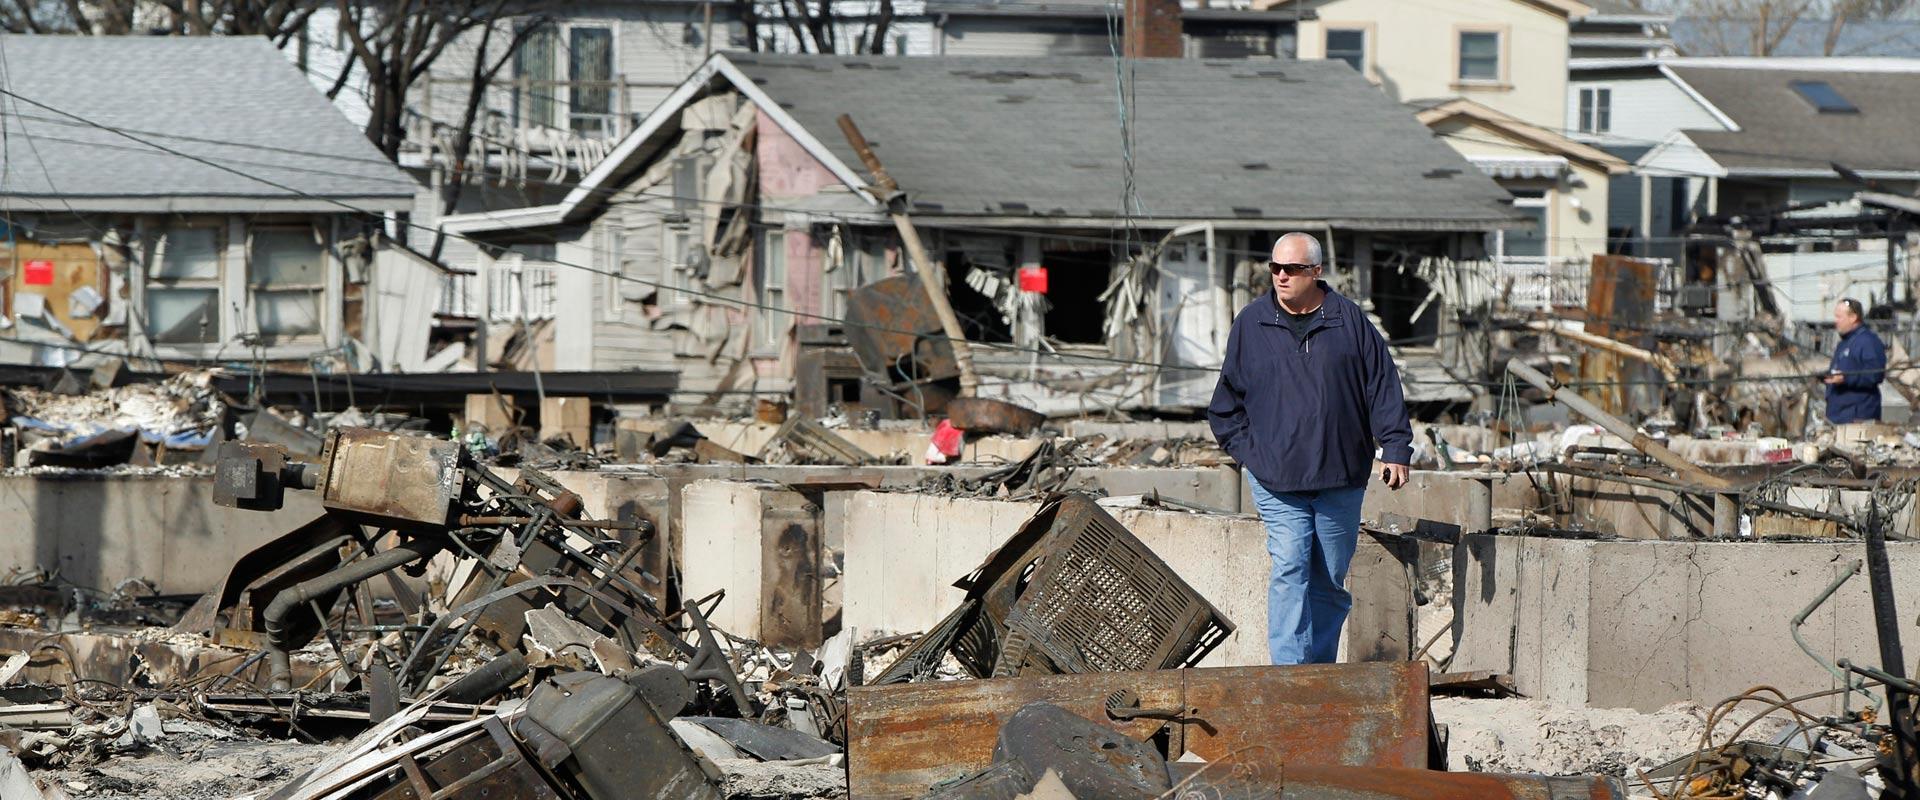 נזקי הוריקן סנדי / צילום: רויטרס